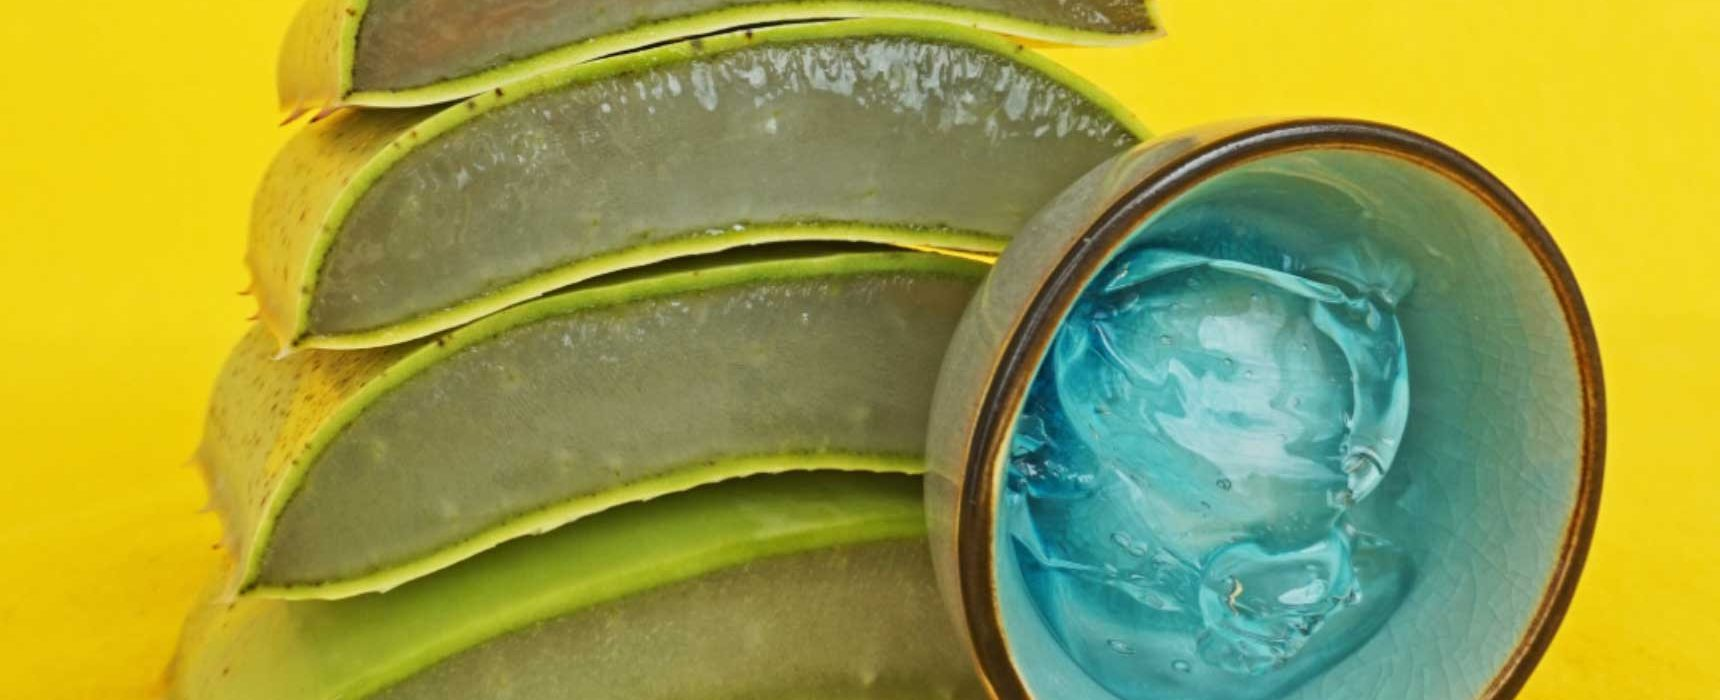 www.detail-verliebt.de: Aloe Vera hat viele tolle Vorteile für Deine Haut und Haare. Finde und verlinke Rezepturen für DIY Kosmetik mit Aloe Vera: für schöne Haut und Haare. #aloevera #diykosmetik #kosmetikselbermachen #stopbuyingstartmaking